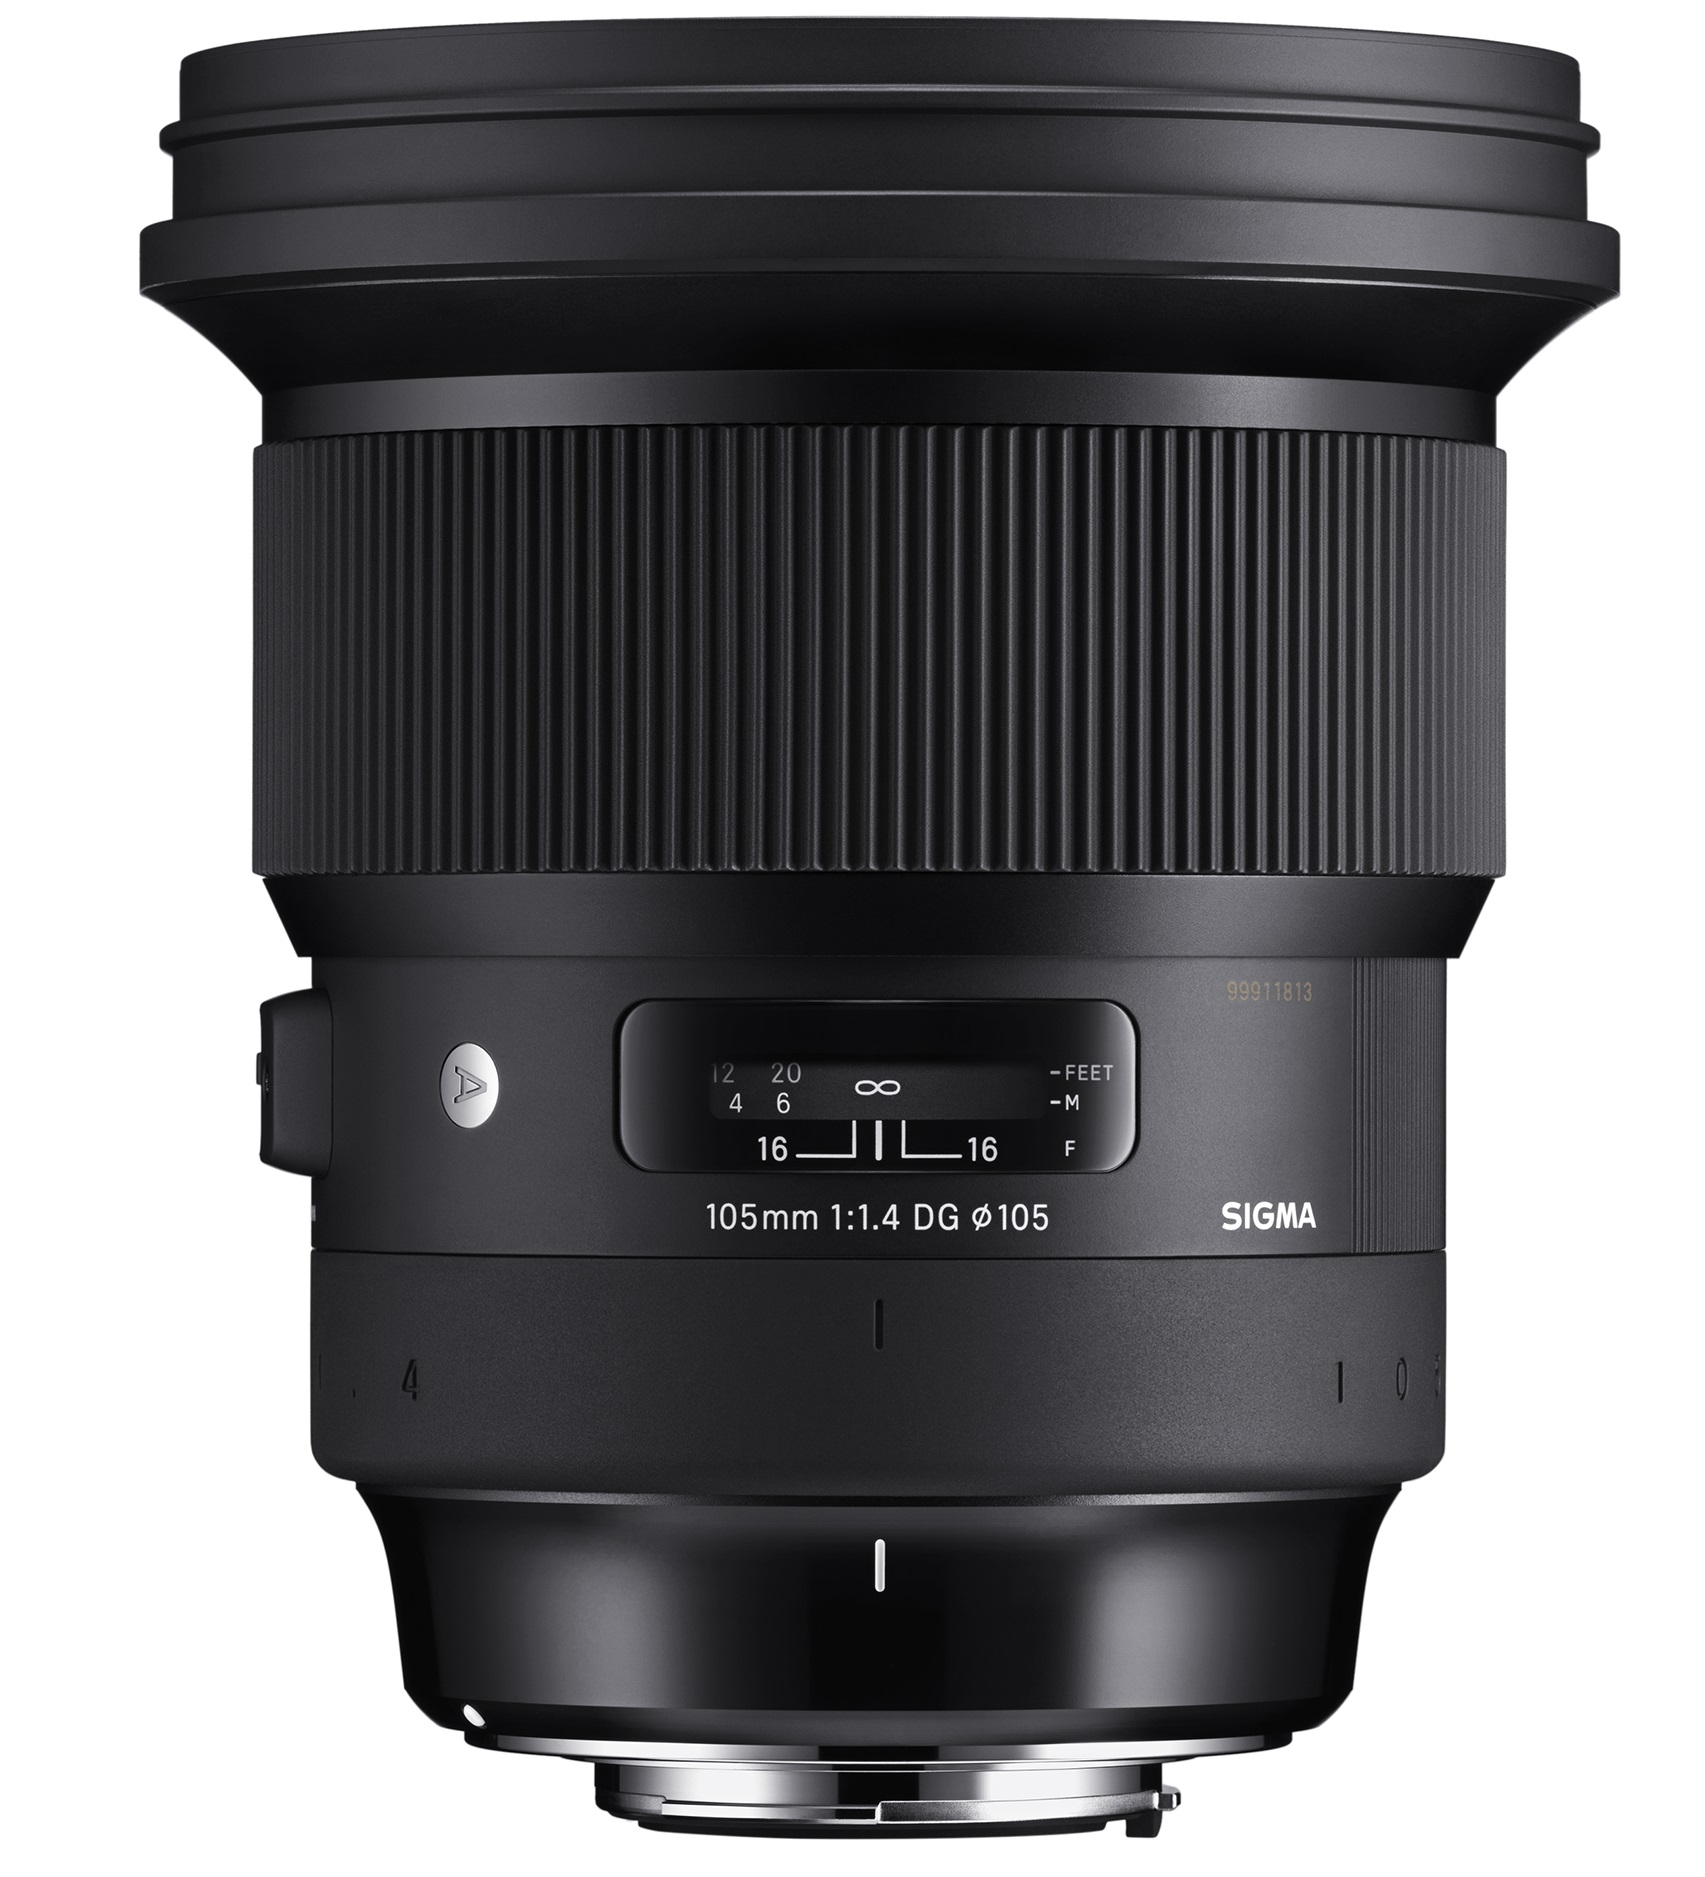 SIGMA 105 mm f/1,4 DG HSM Art pro Nikon